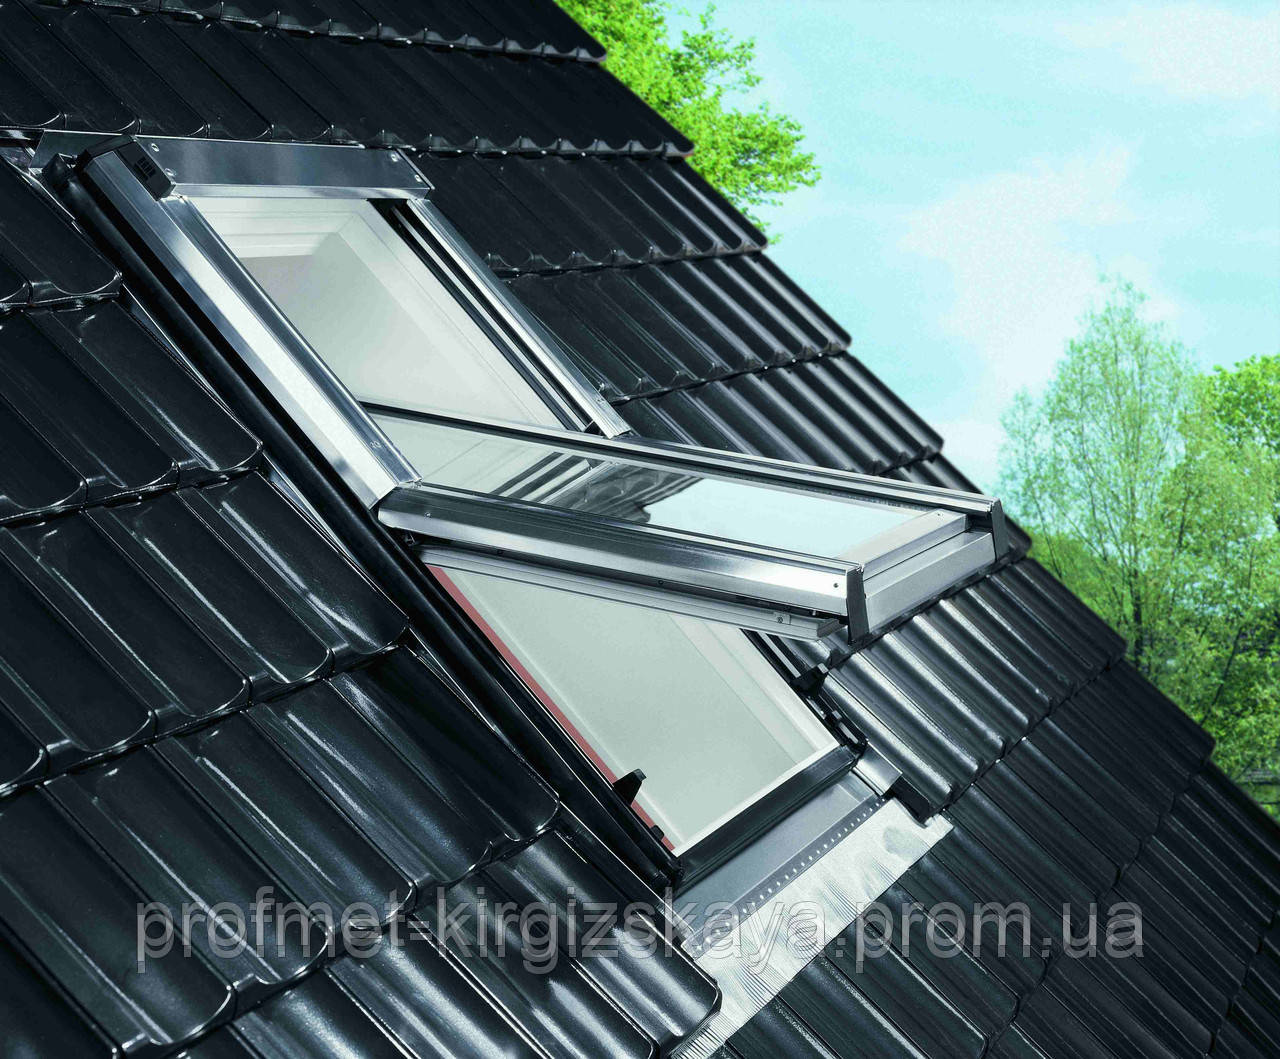 Мансардные окна ROTO Designo R6 c центральной осью